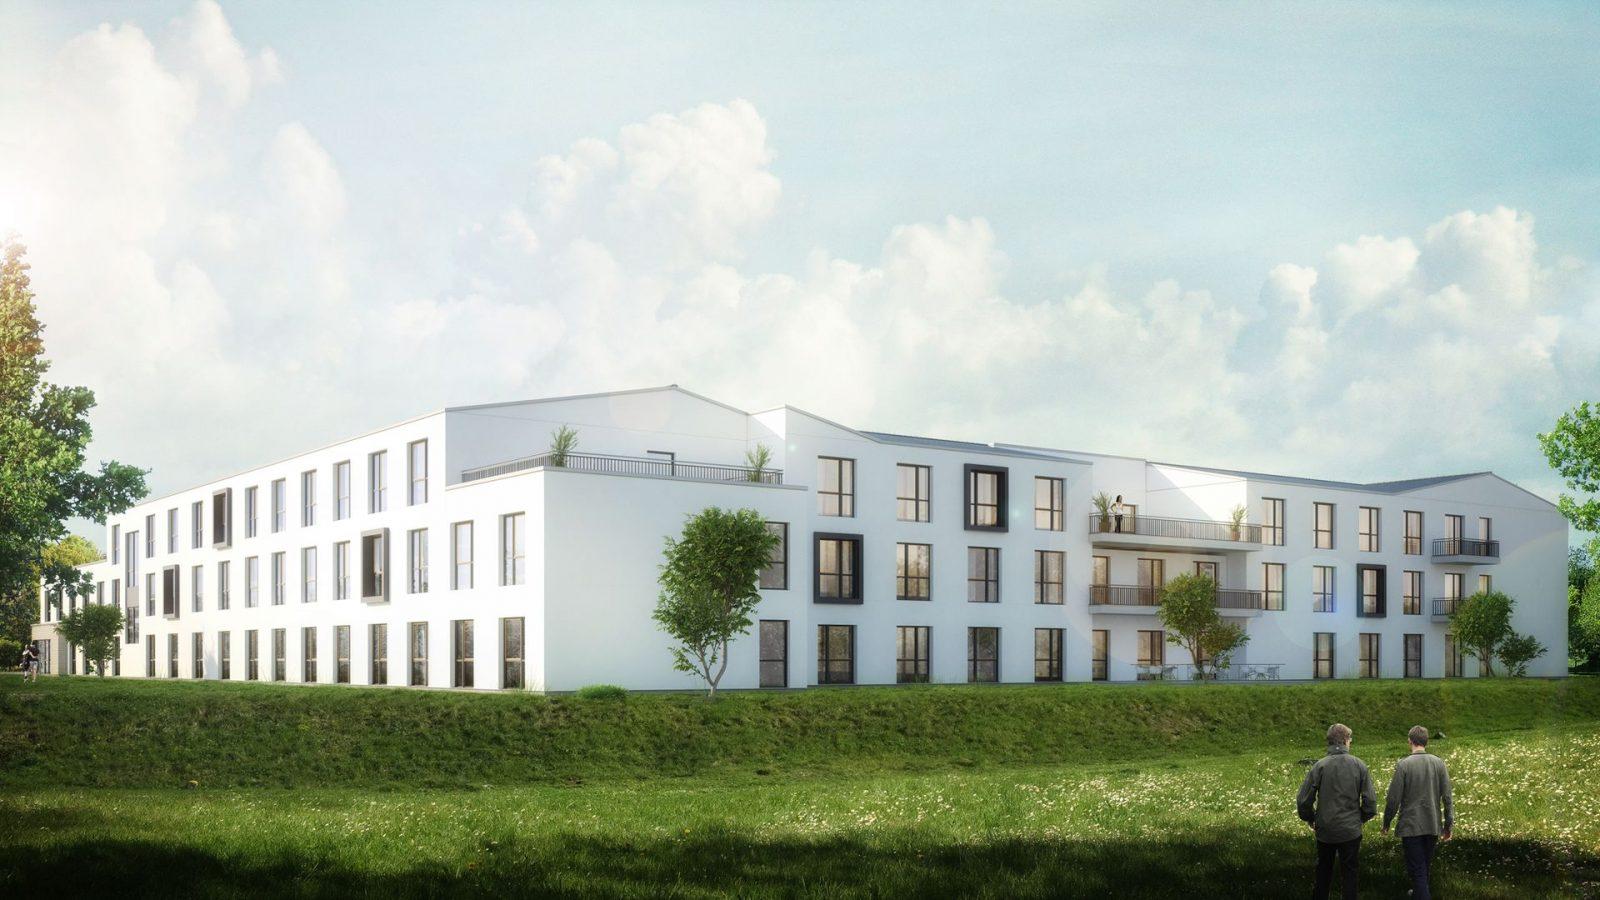 Lebens- und Gesundheitszentrum Sereetz